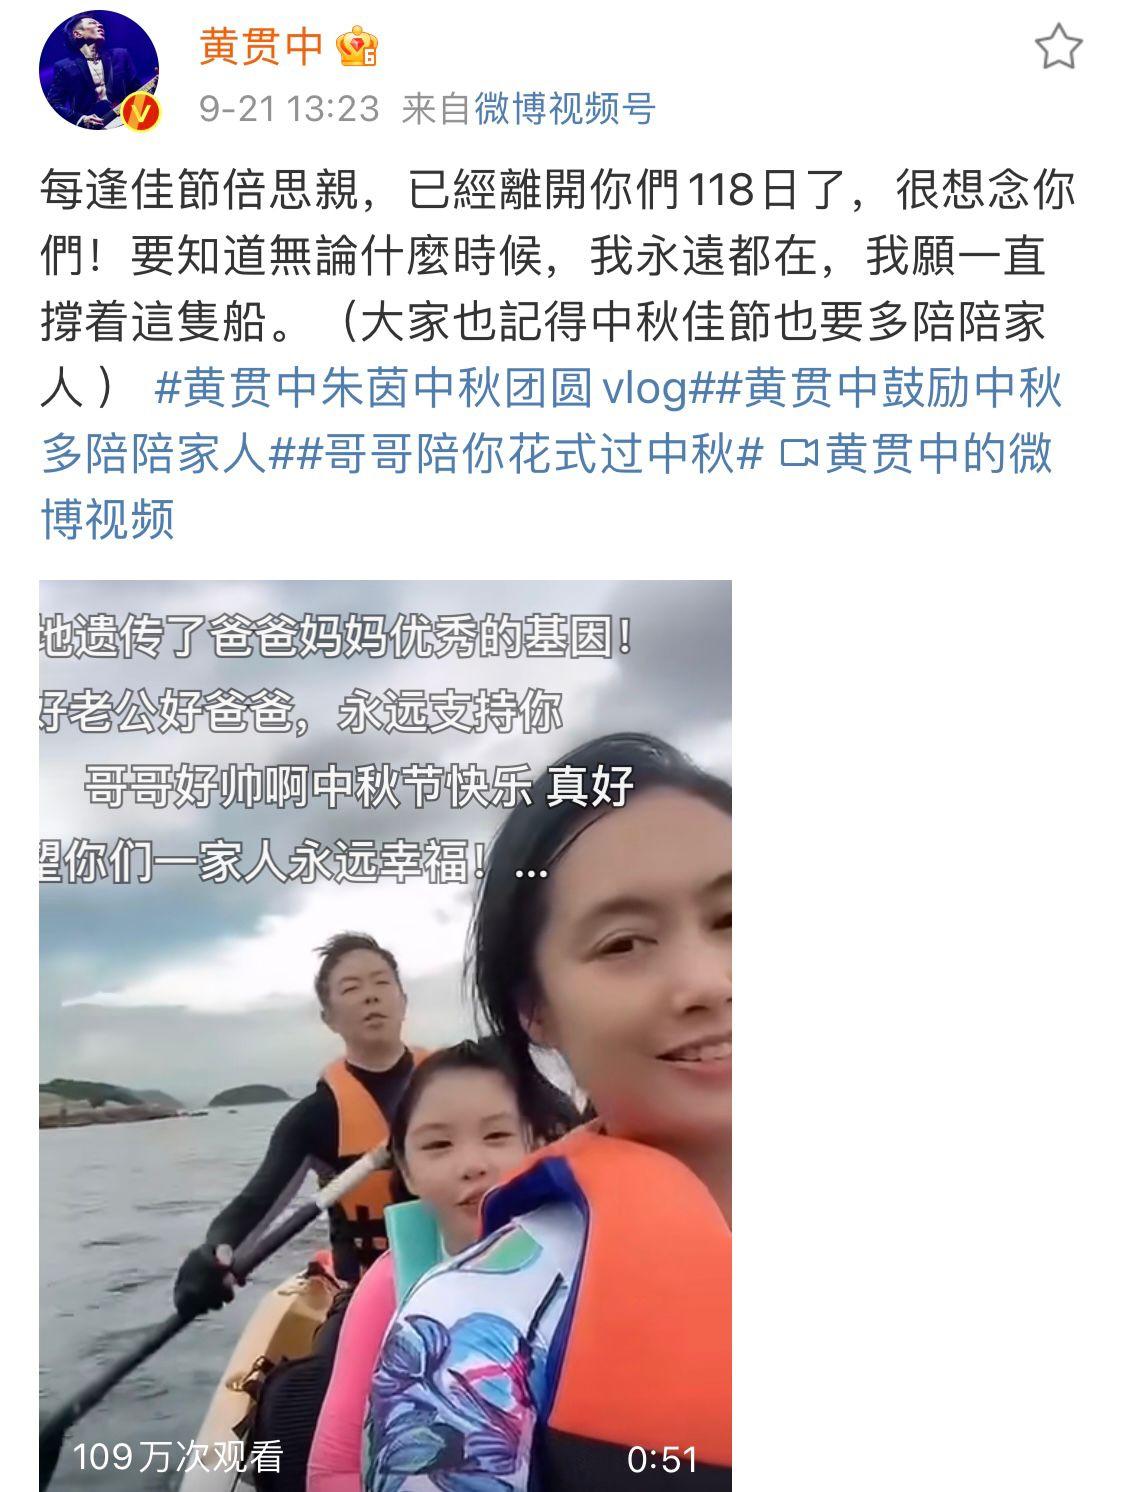 黄贯中晒与妻女划船视频,朱茵素颜出镜白发明显,女儿似妈妈翻版